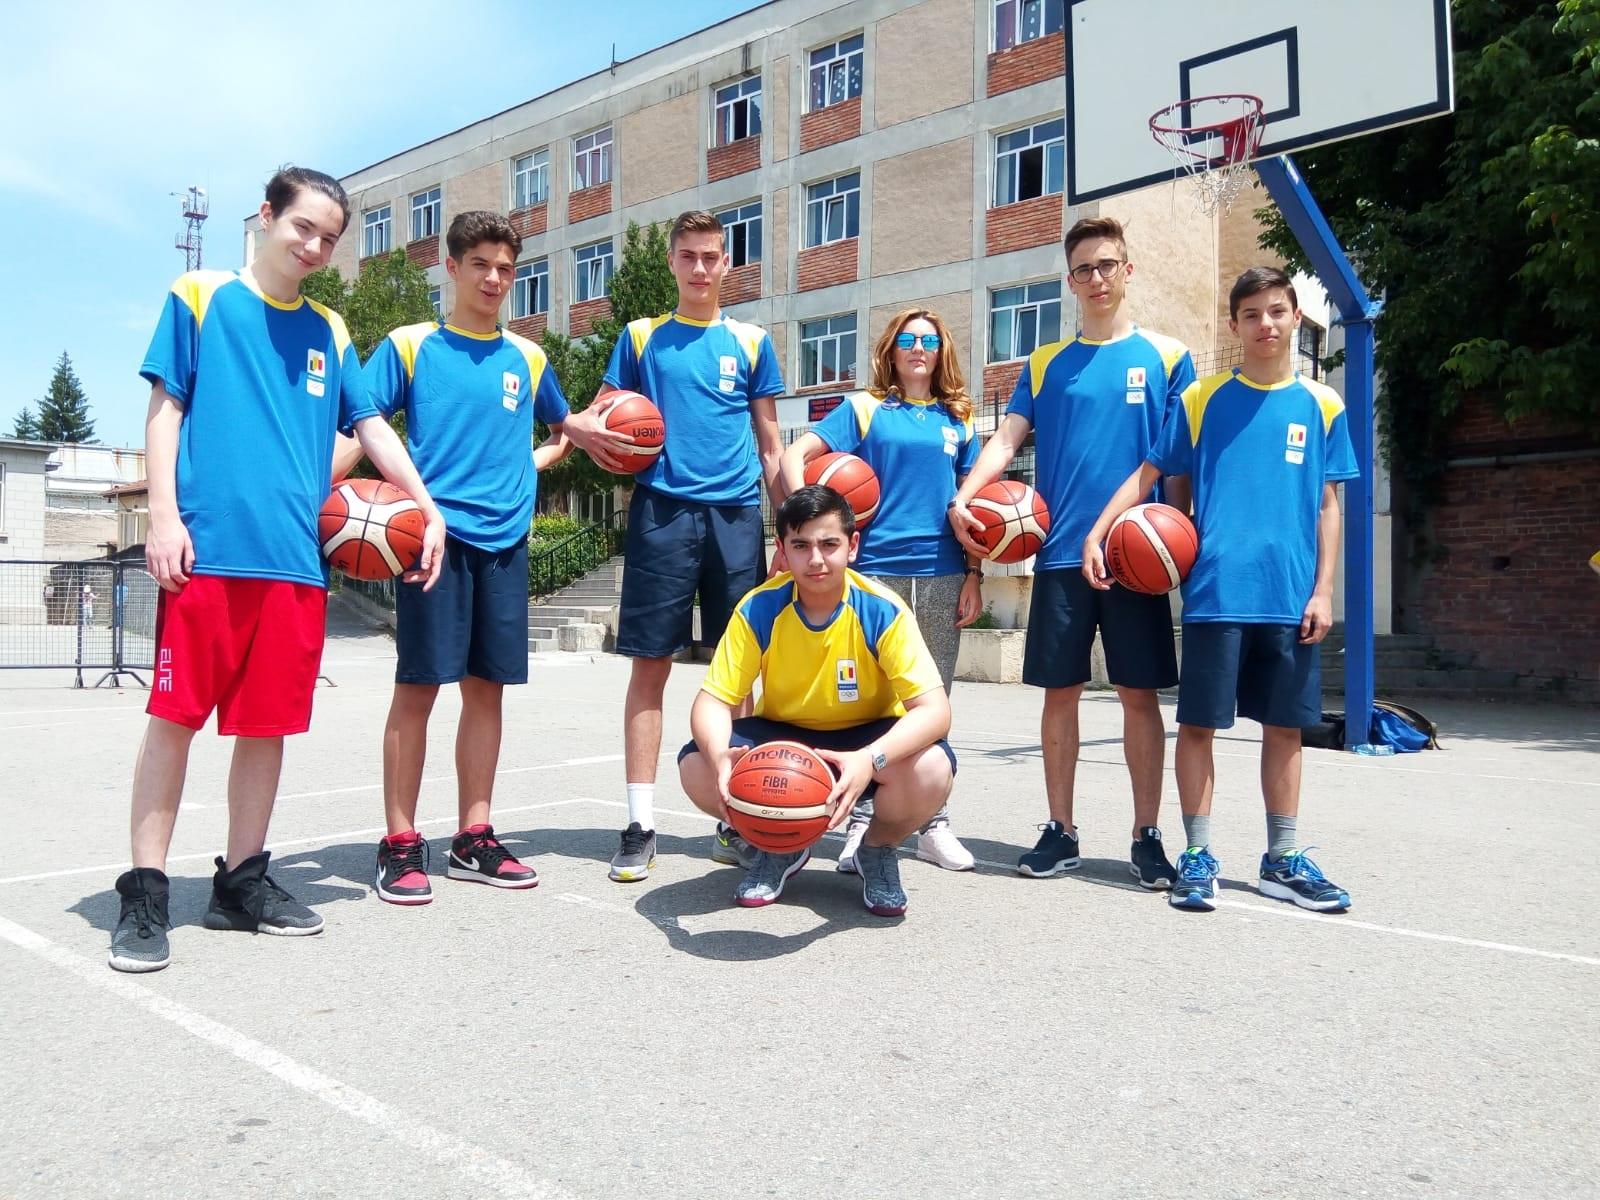 Foto&Video/ Tineri cu care ne mândrim. Elevii de la Buzești, rezultate promițătoare la Olimpiada Gimnaziilor